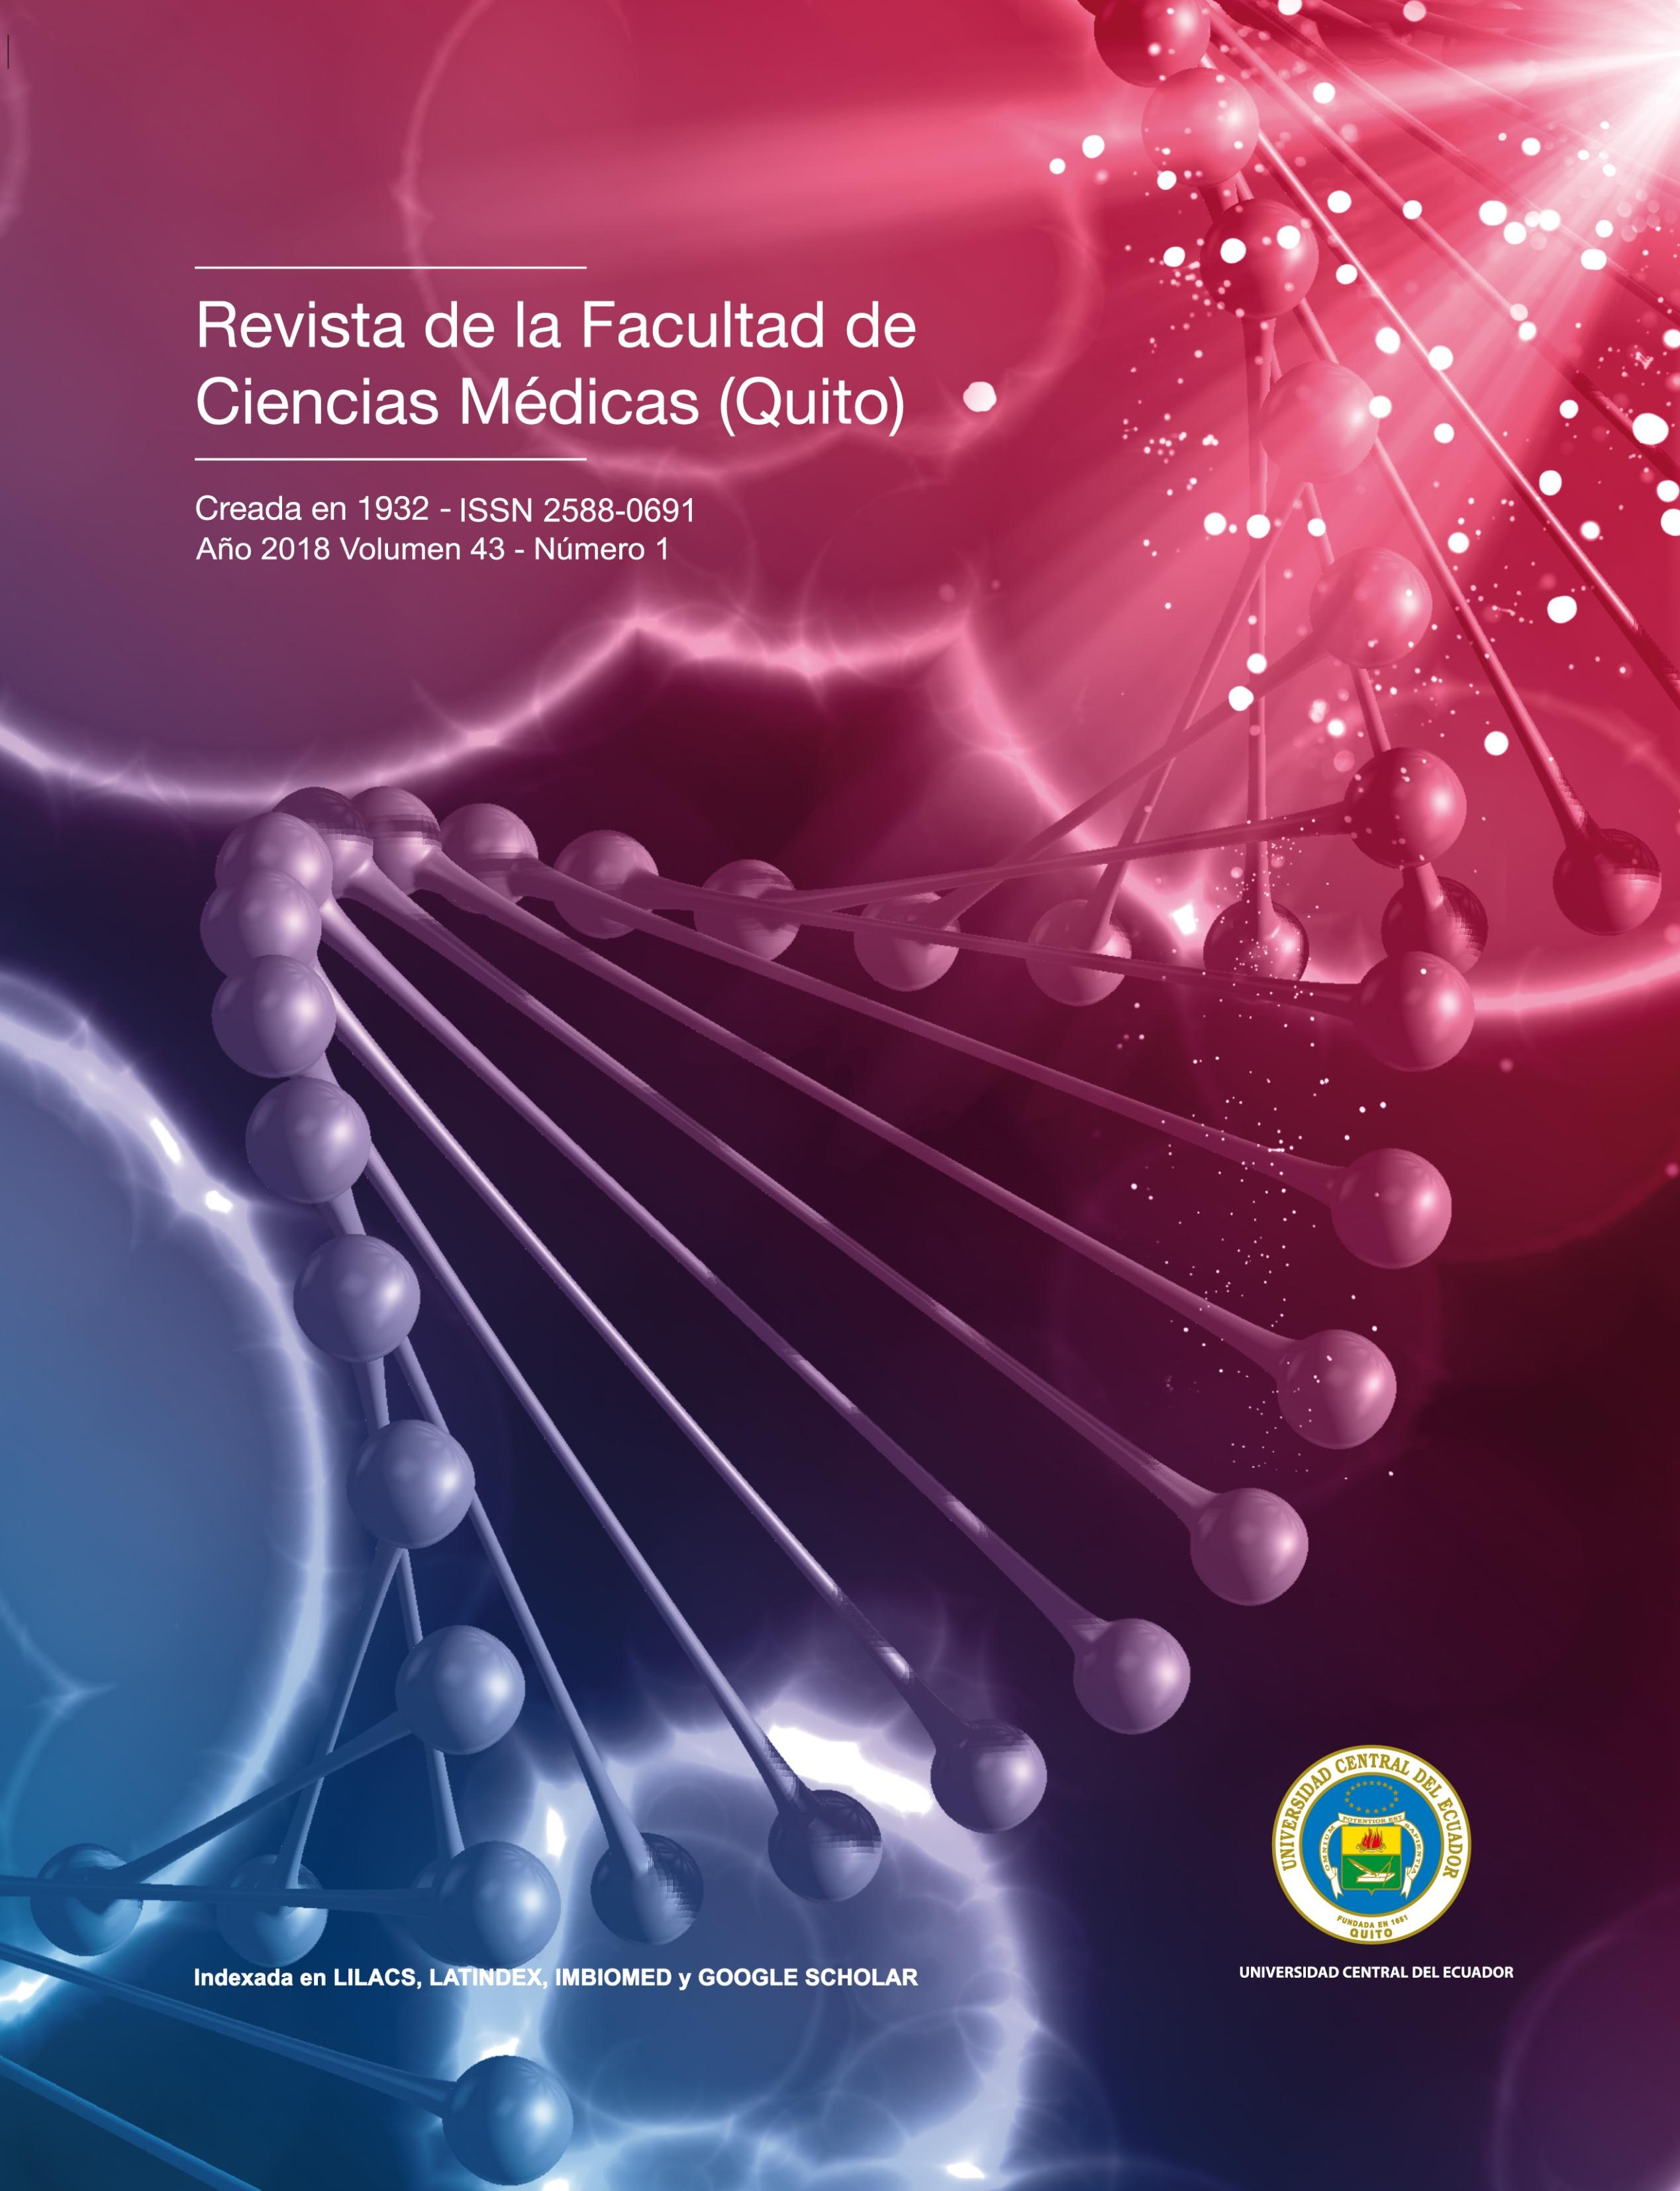 Ver Vol. 43 Núm. 1 (2018): Revista de la Facultad de Ciencias Médicas (Quito)